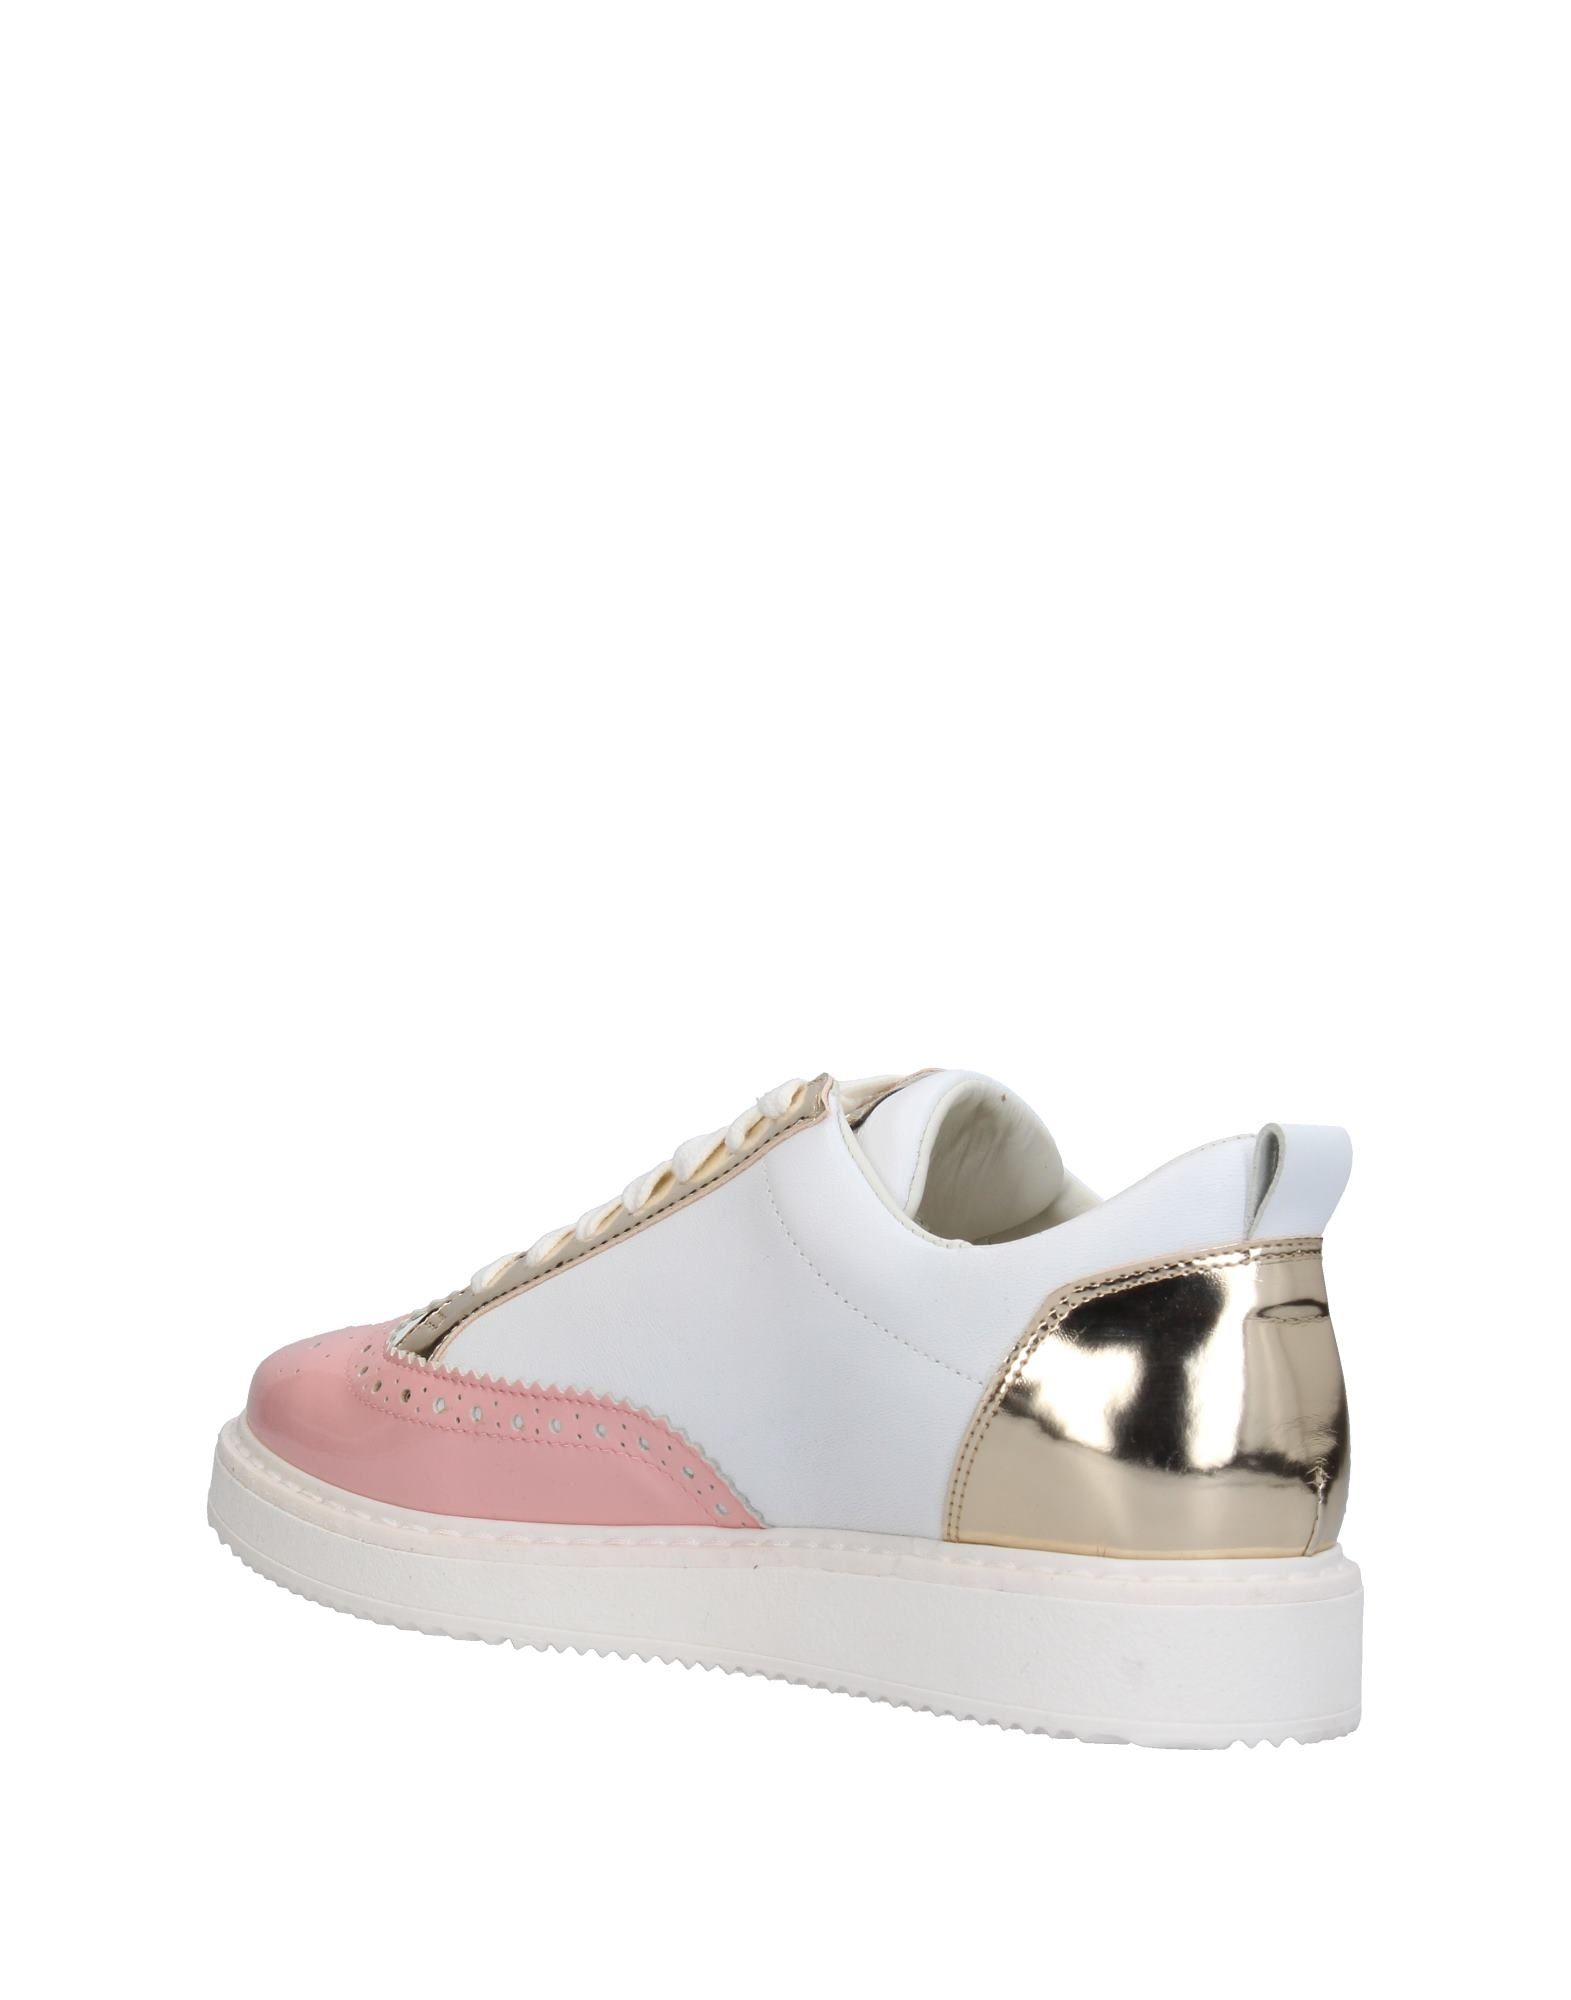 Sneakers L4k3 Femme - Sneakers L4k3 sur